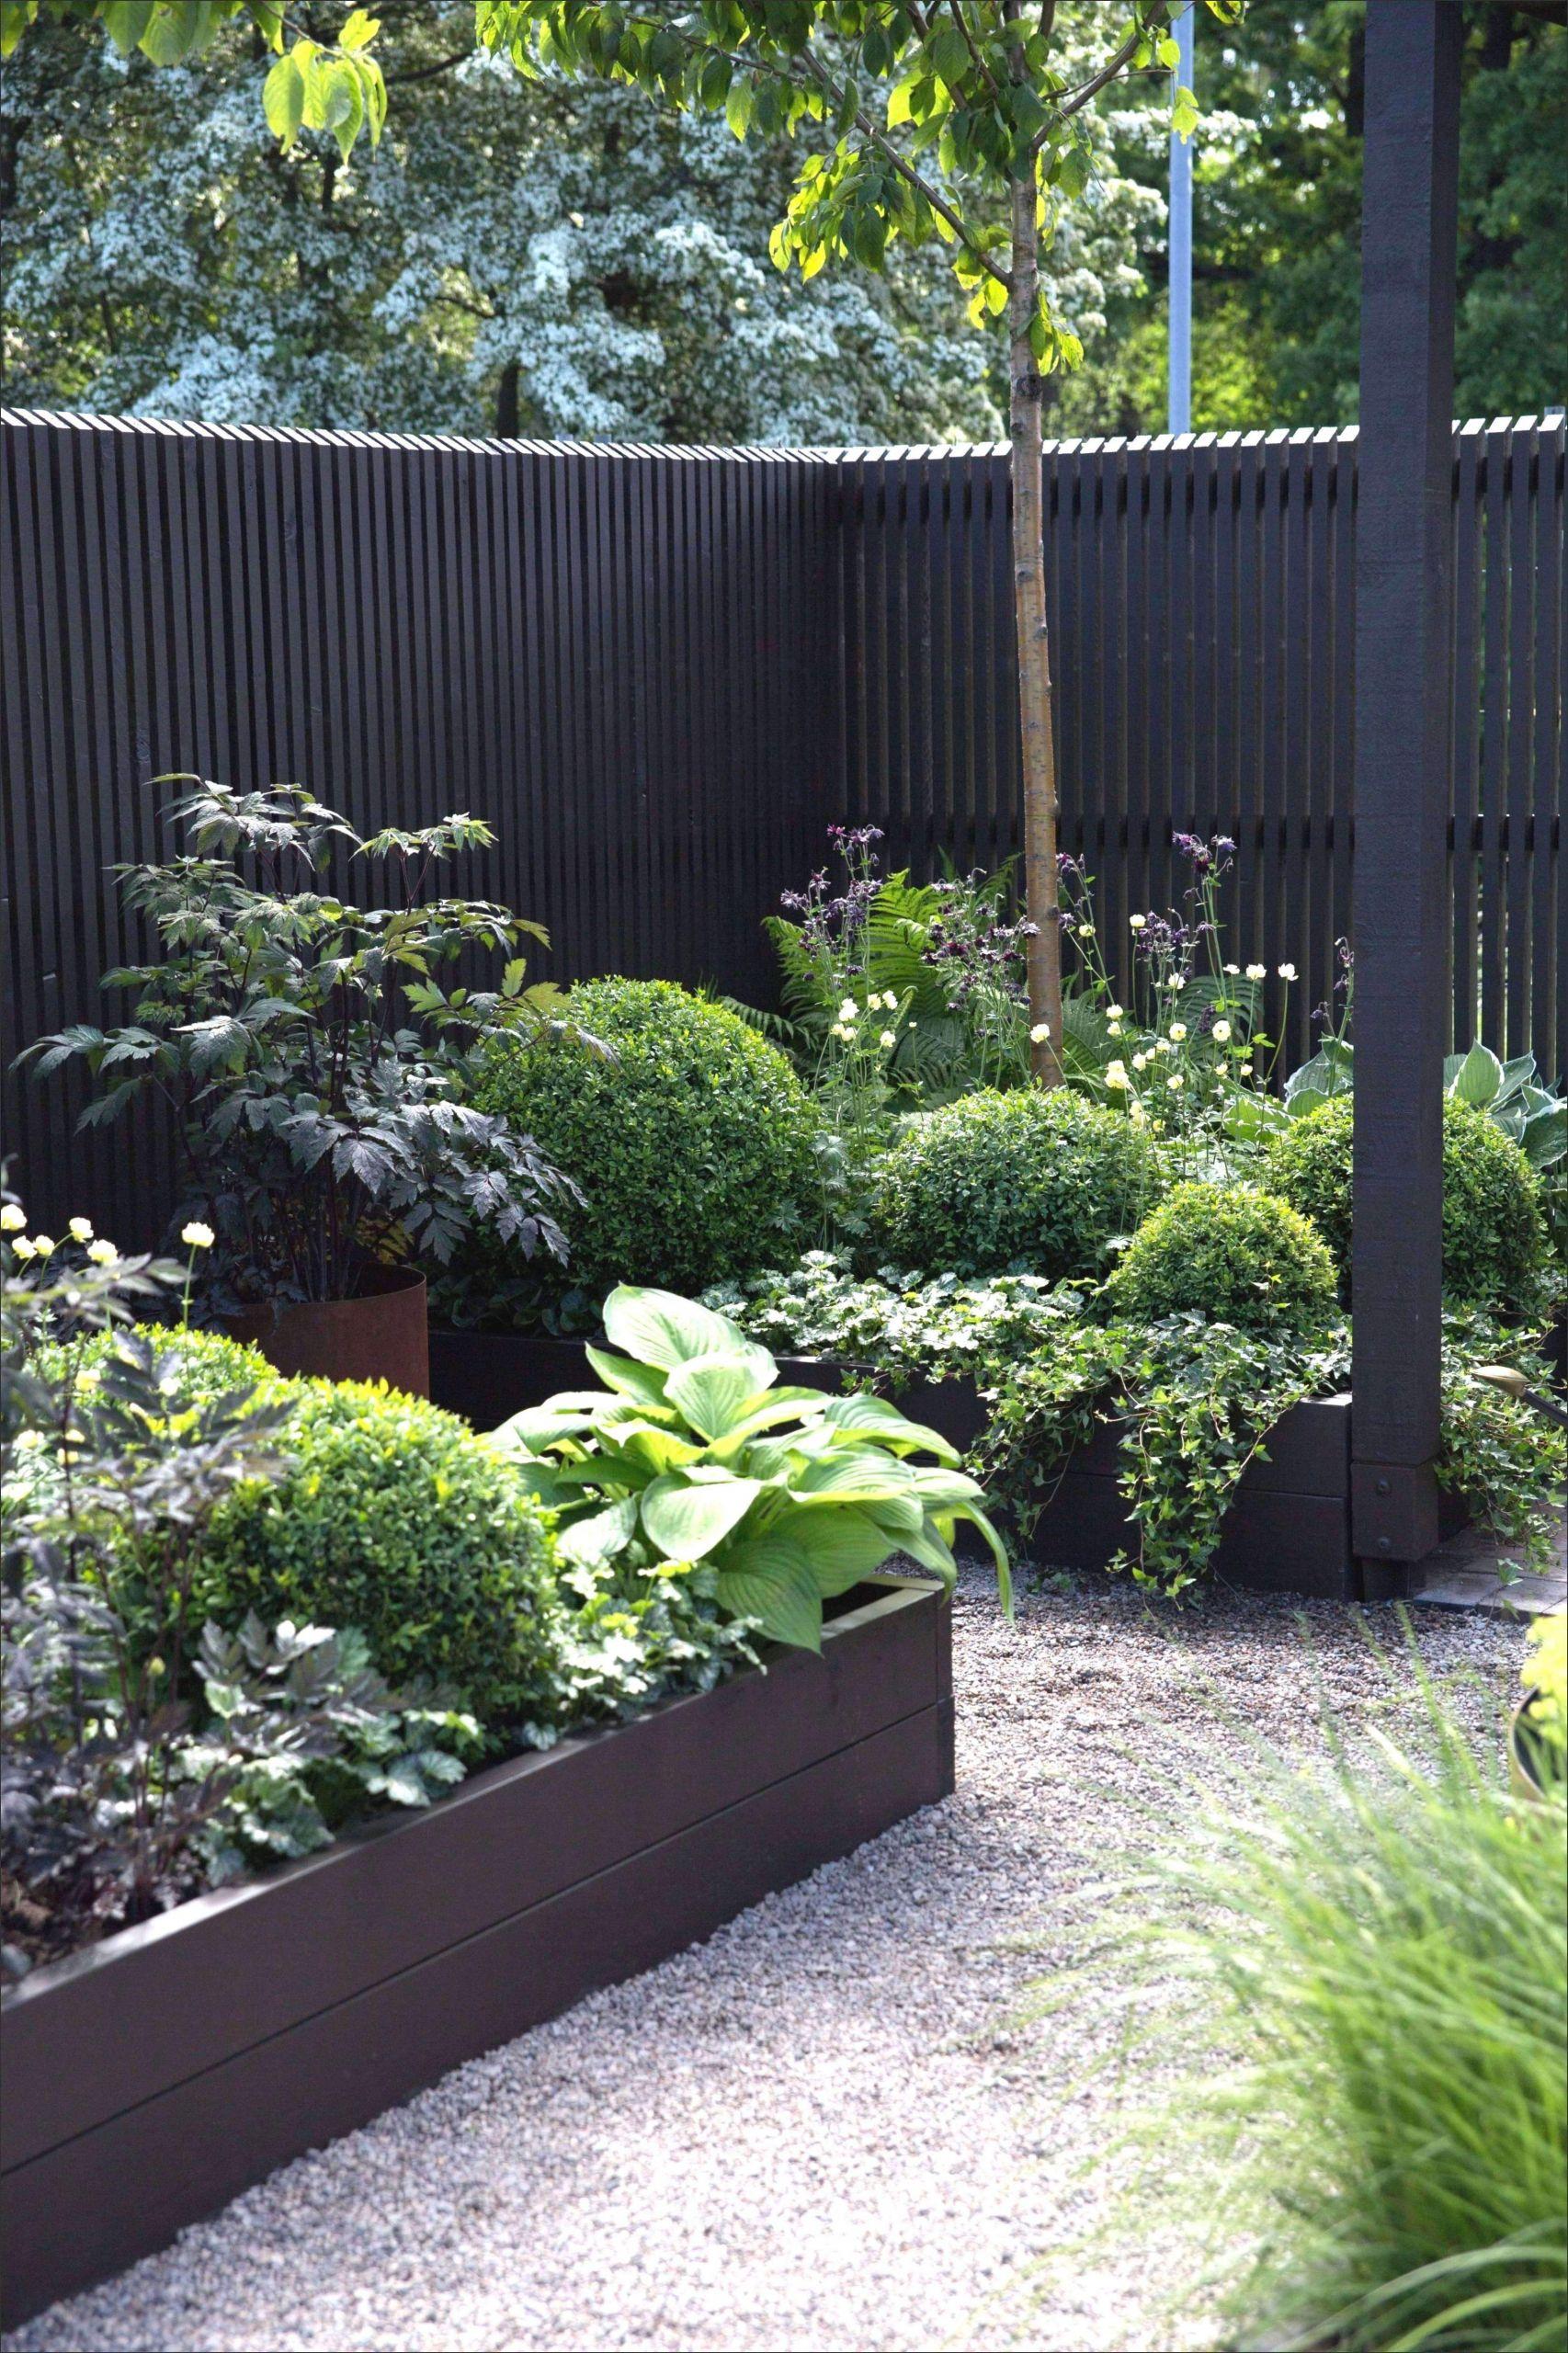 42 schon vorgarten gestalten pflegeleicht modern pic vorgarten gestalten nordseite vorgarten gestalten nordseite